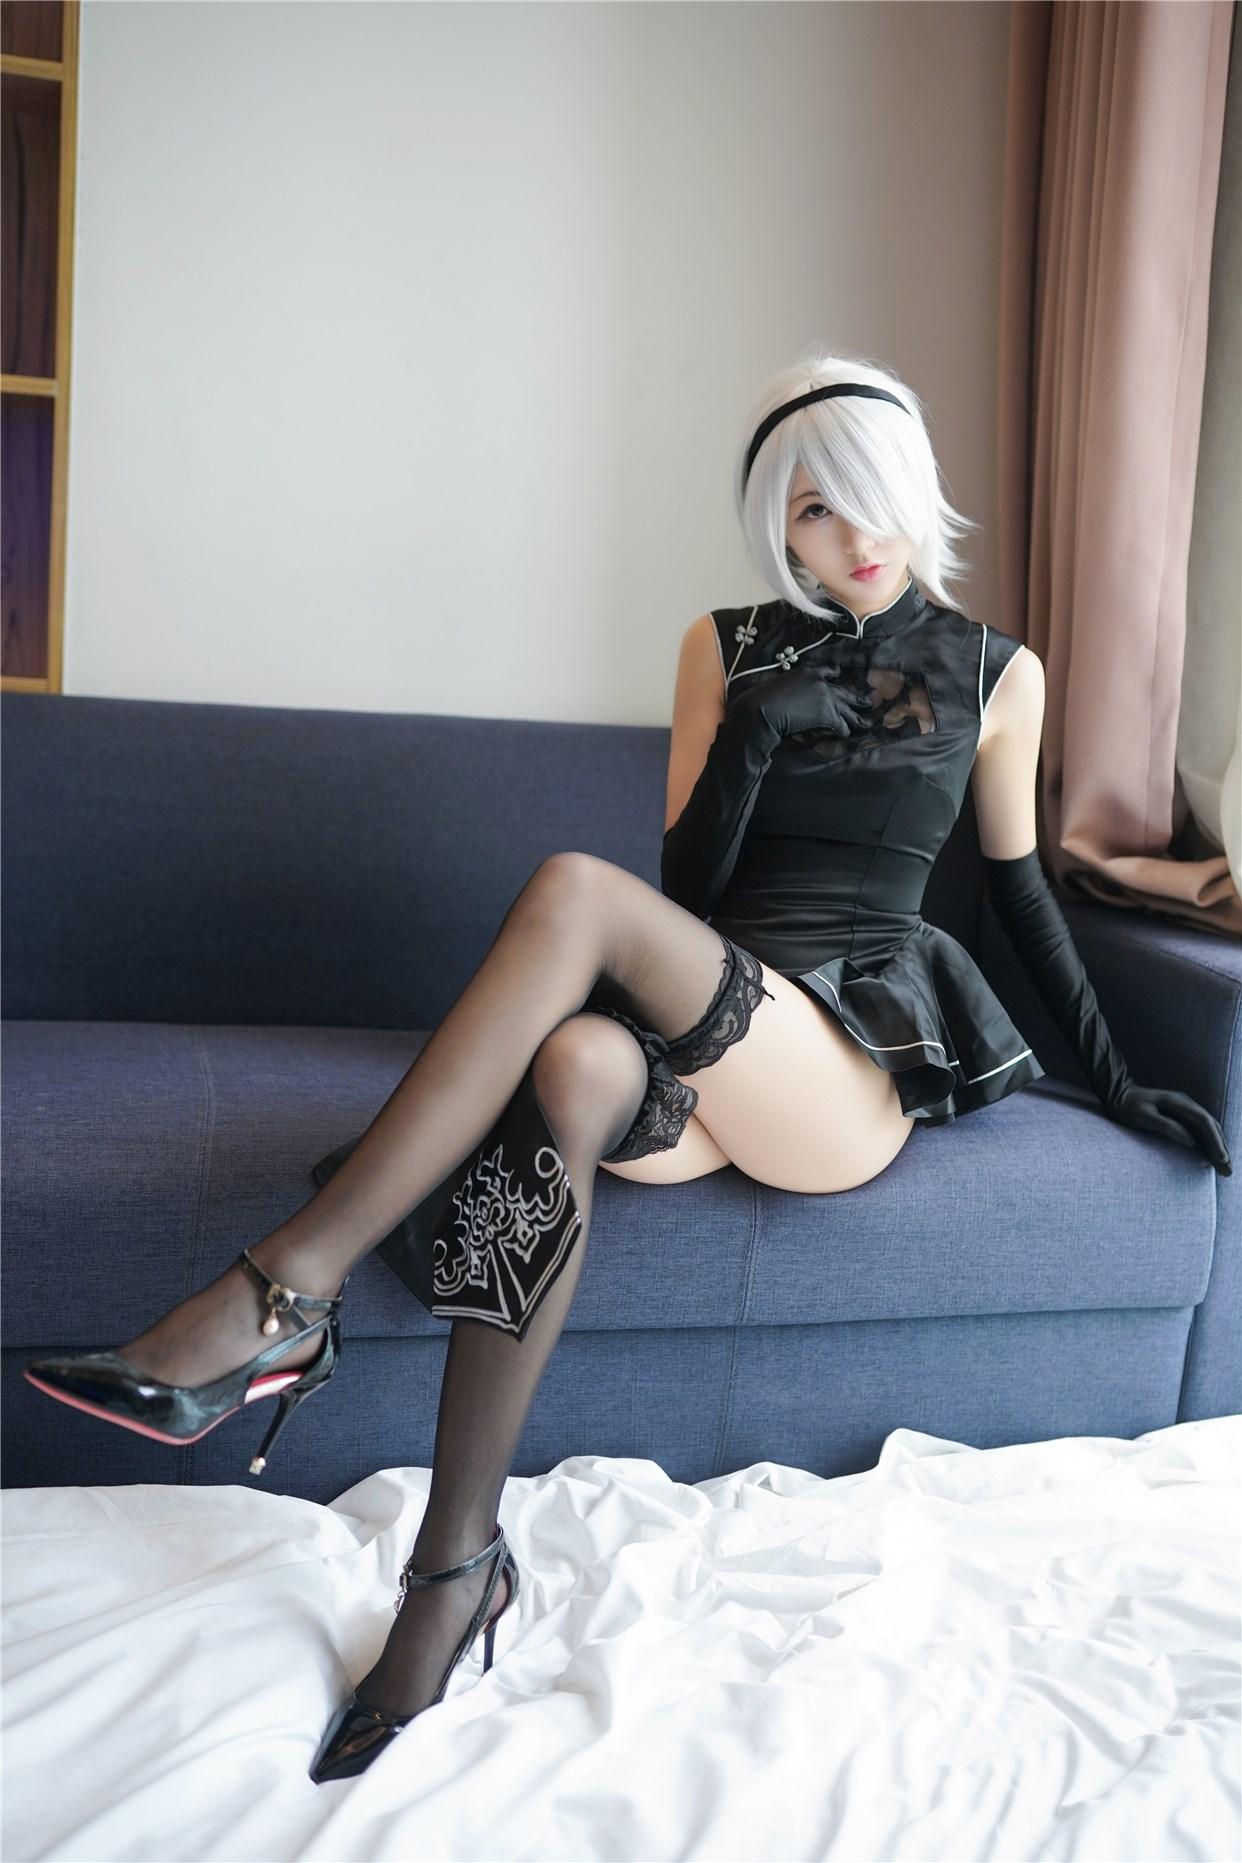 【兔玩映画】旗袍小姐姐好腿! 兔玩映画 第1张